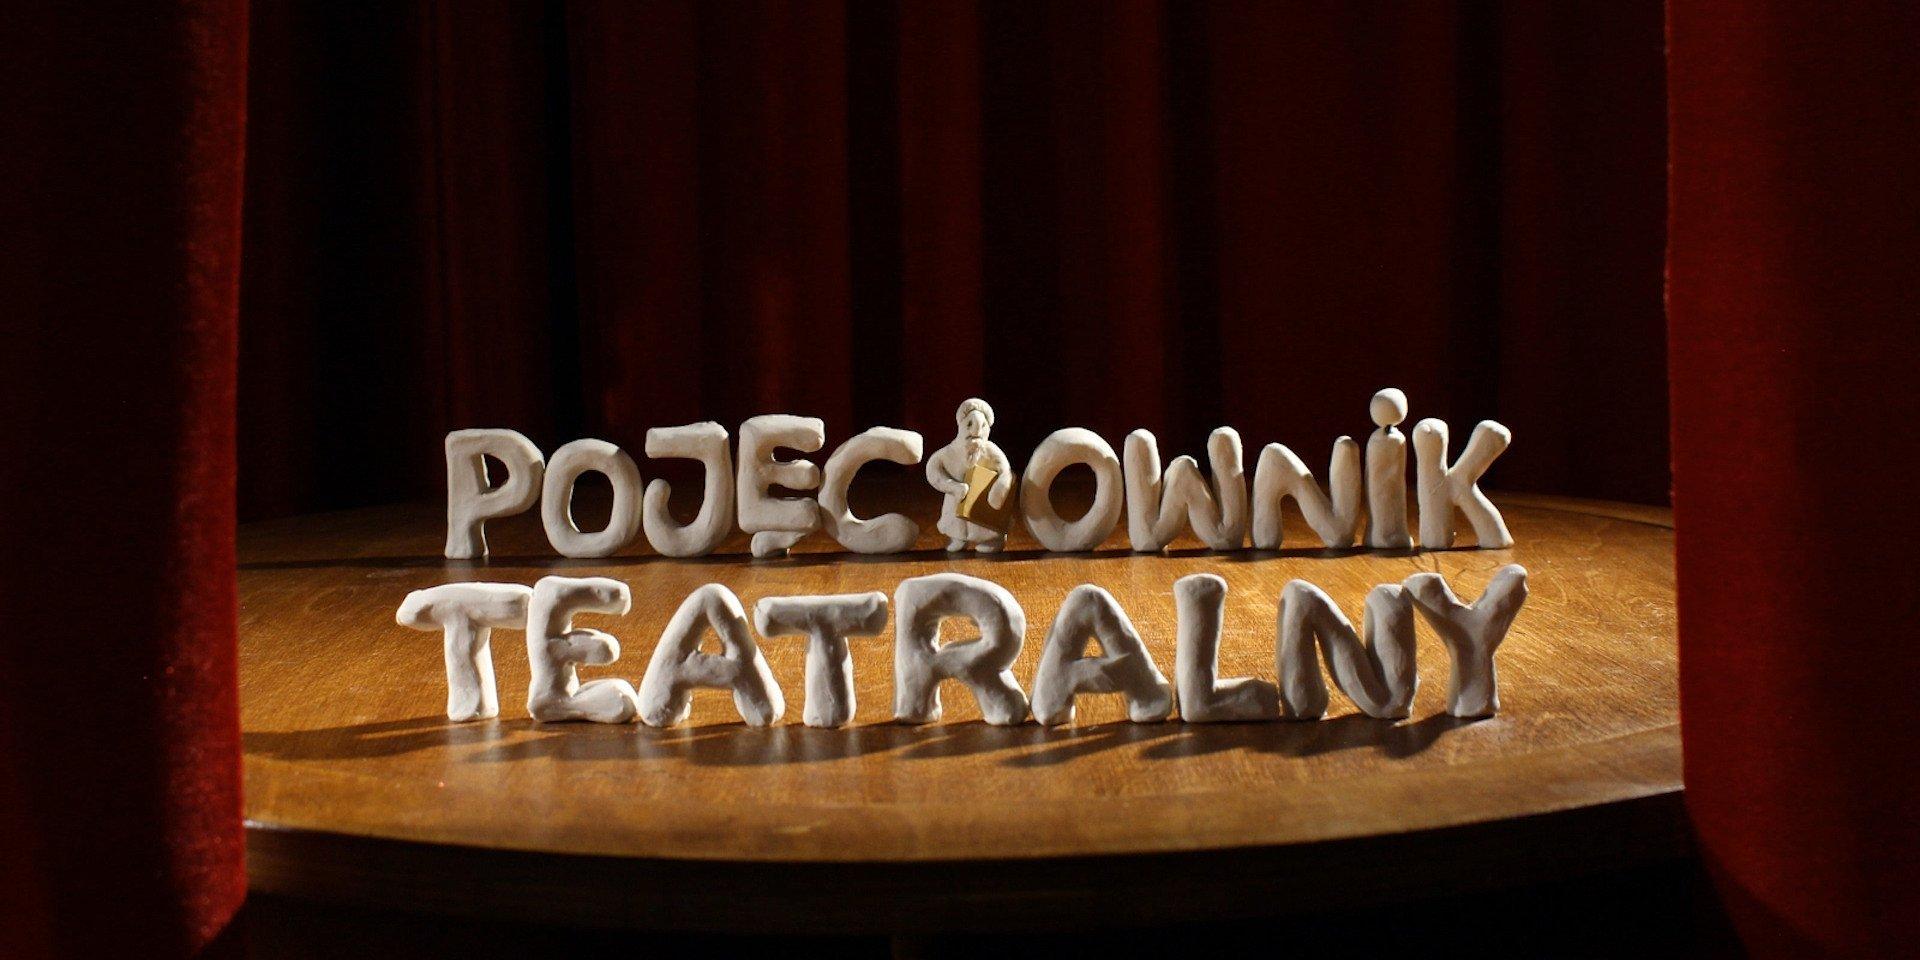 Pojęciownik teatralny – zajrzyj z nami za kulisy